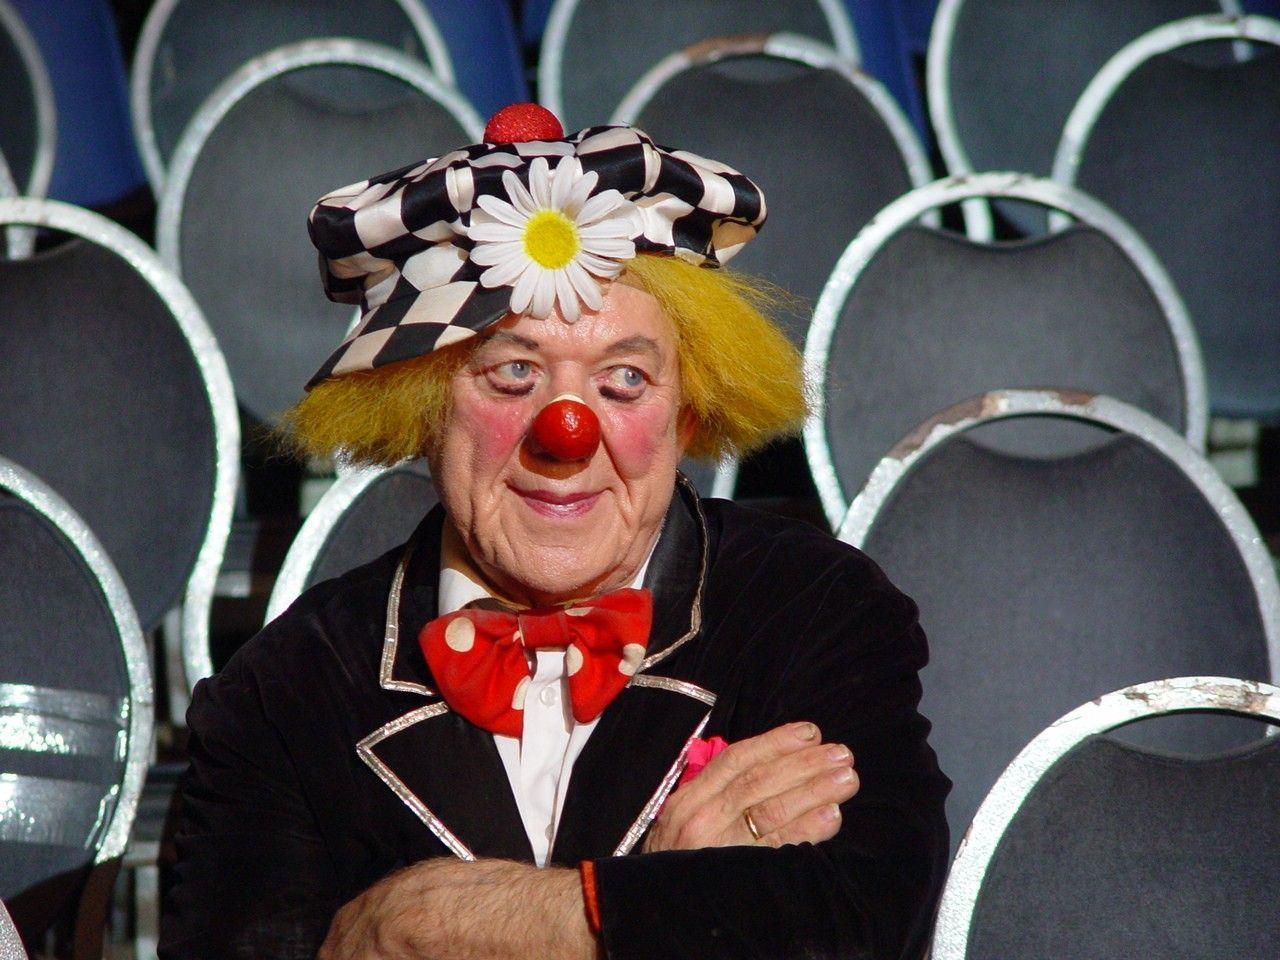 Монумент Олегу Попову установят вРостове-на-Дону кВсемирному дню цирка